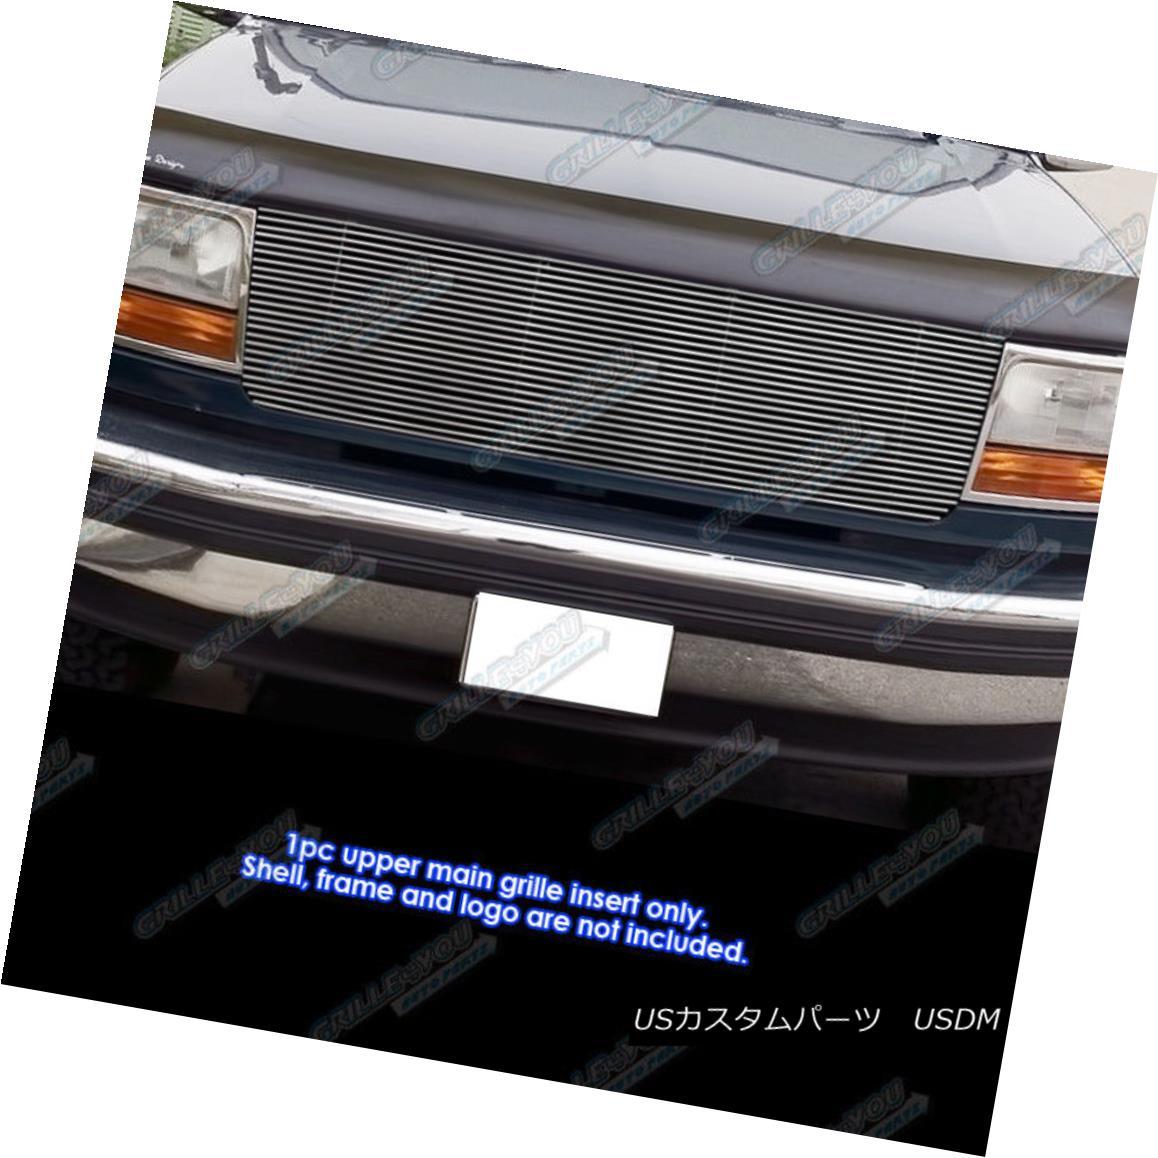 グリル For 92-96 Ford Bronco/F150/F250/F350 Black High Density Billet Grille Grill 92-96フォードブロンコ/ F150 / F2用50 / F350ブラック高密度ビレットグリルグリル